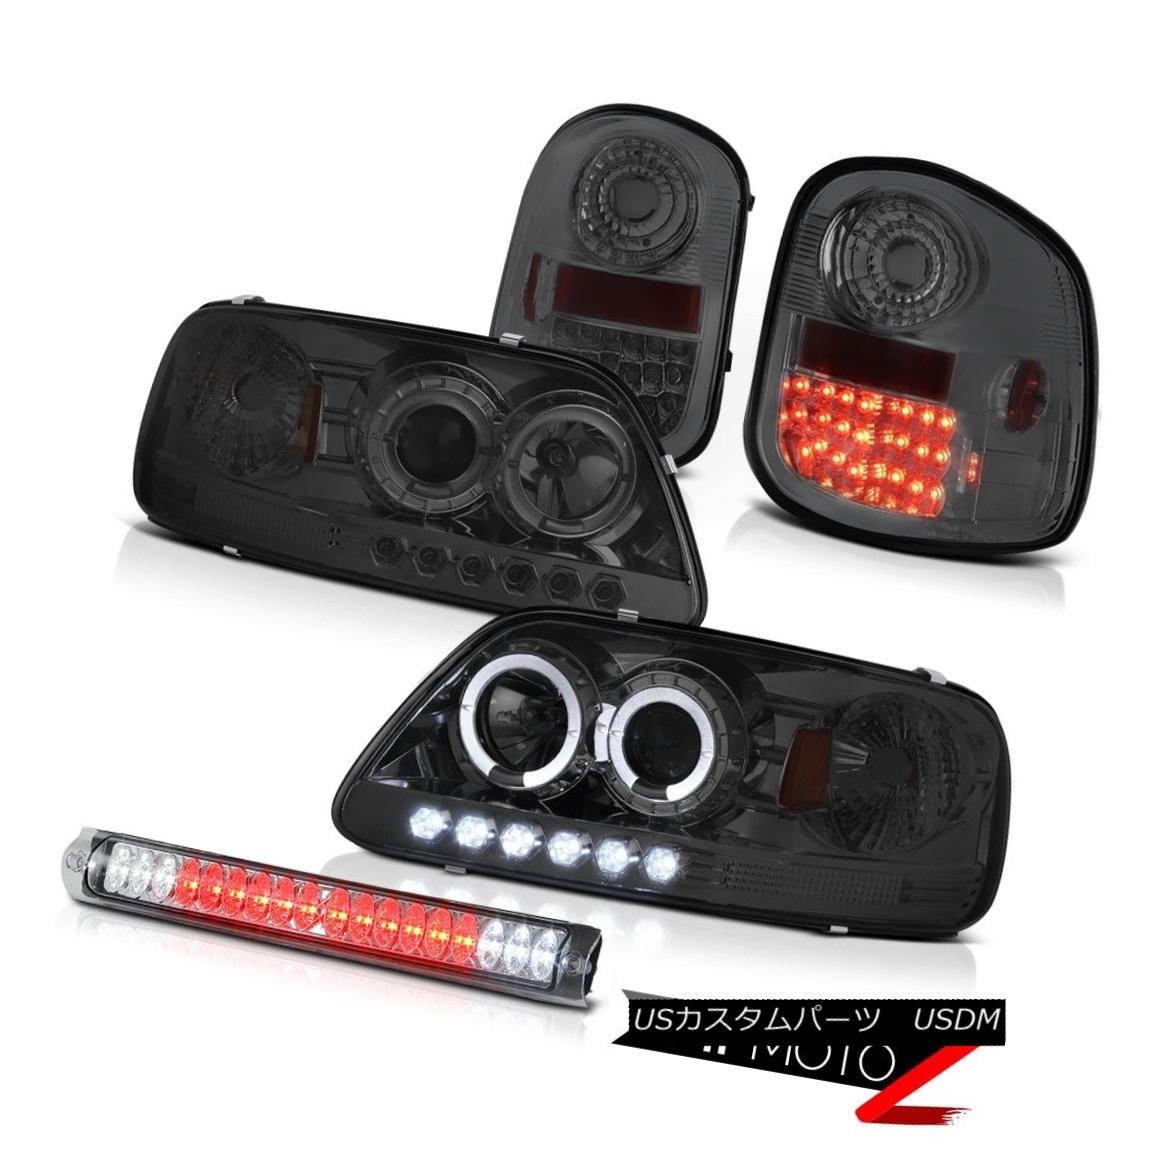 ヘッドライト Smoke Projector Headlights LED Tail Lights Third Brake Cargo 1997-2003 F150 XLT 煙プロジェクターヘッドライトLEDテールライト第3ブレーキカーゴ1997-2003 F150 XLT